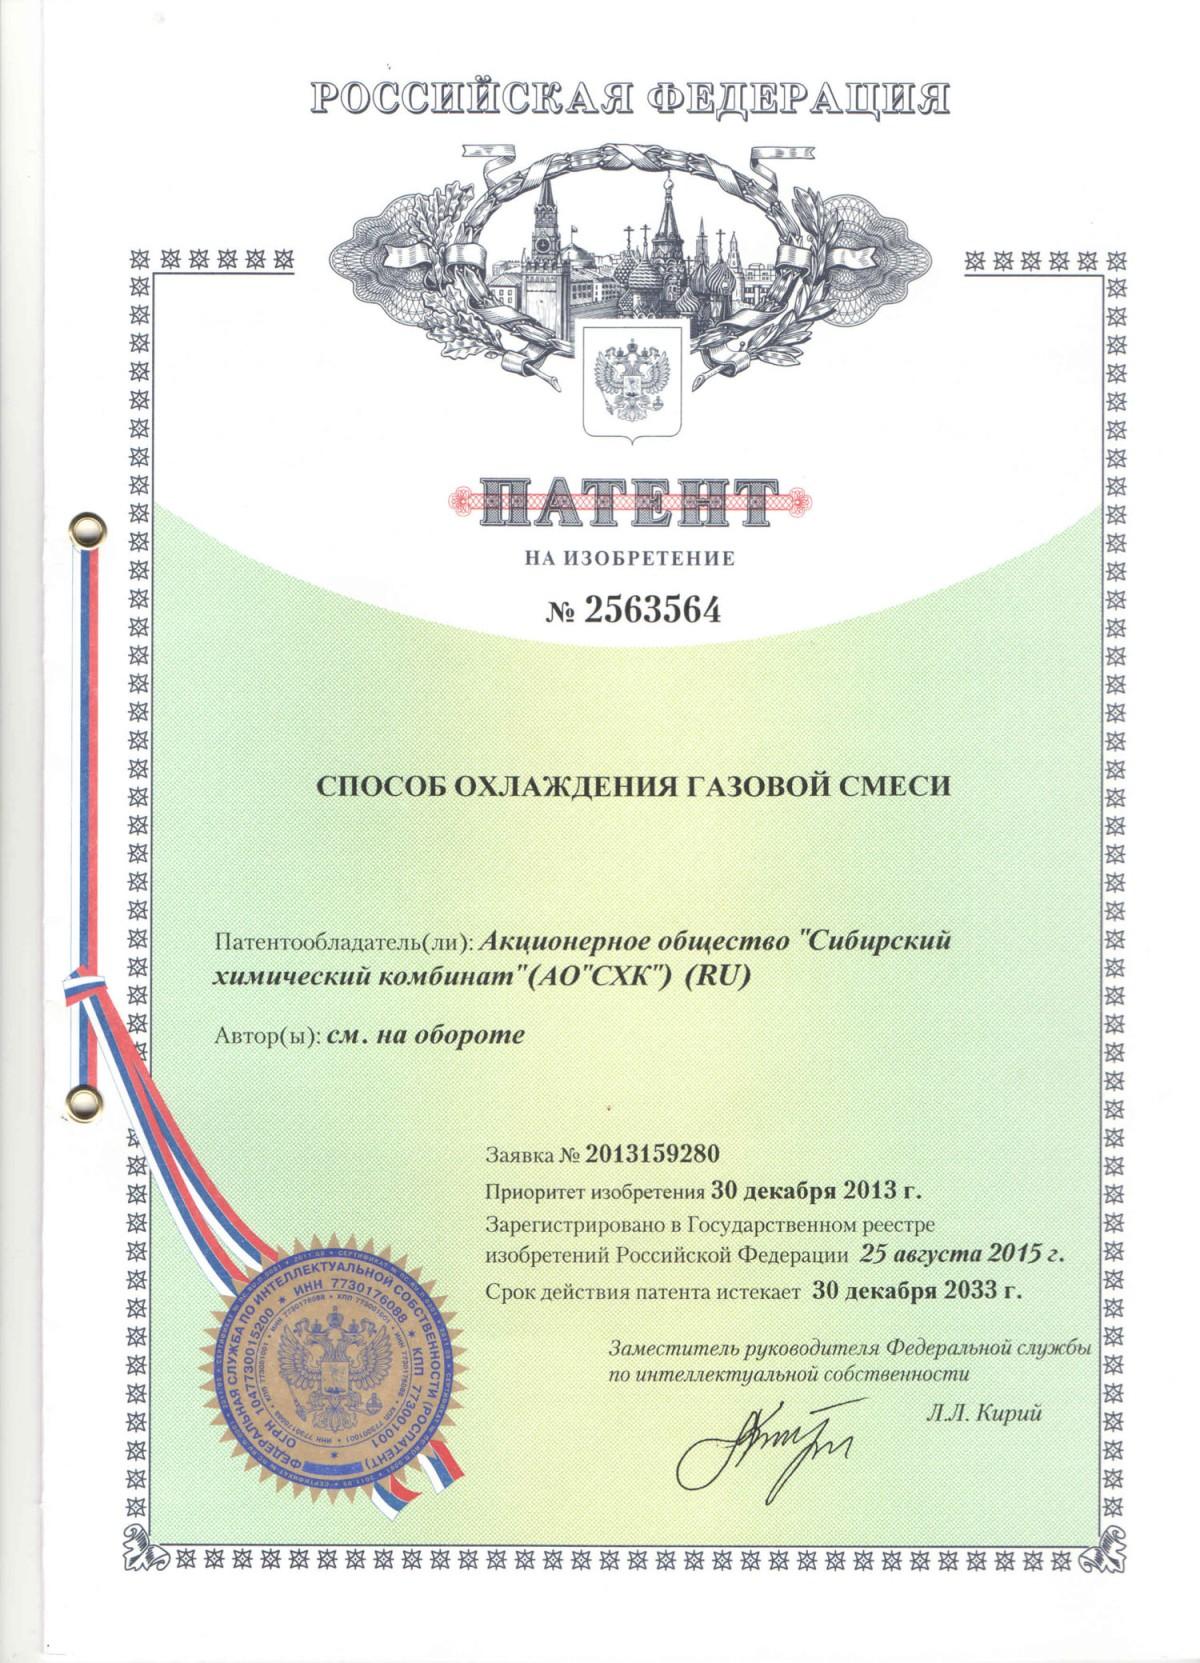 Инженеры СХК совместно с учеными ТГУ запатентовали новую технологию газоразделительного производства